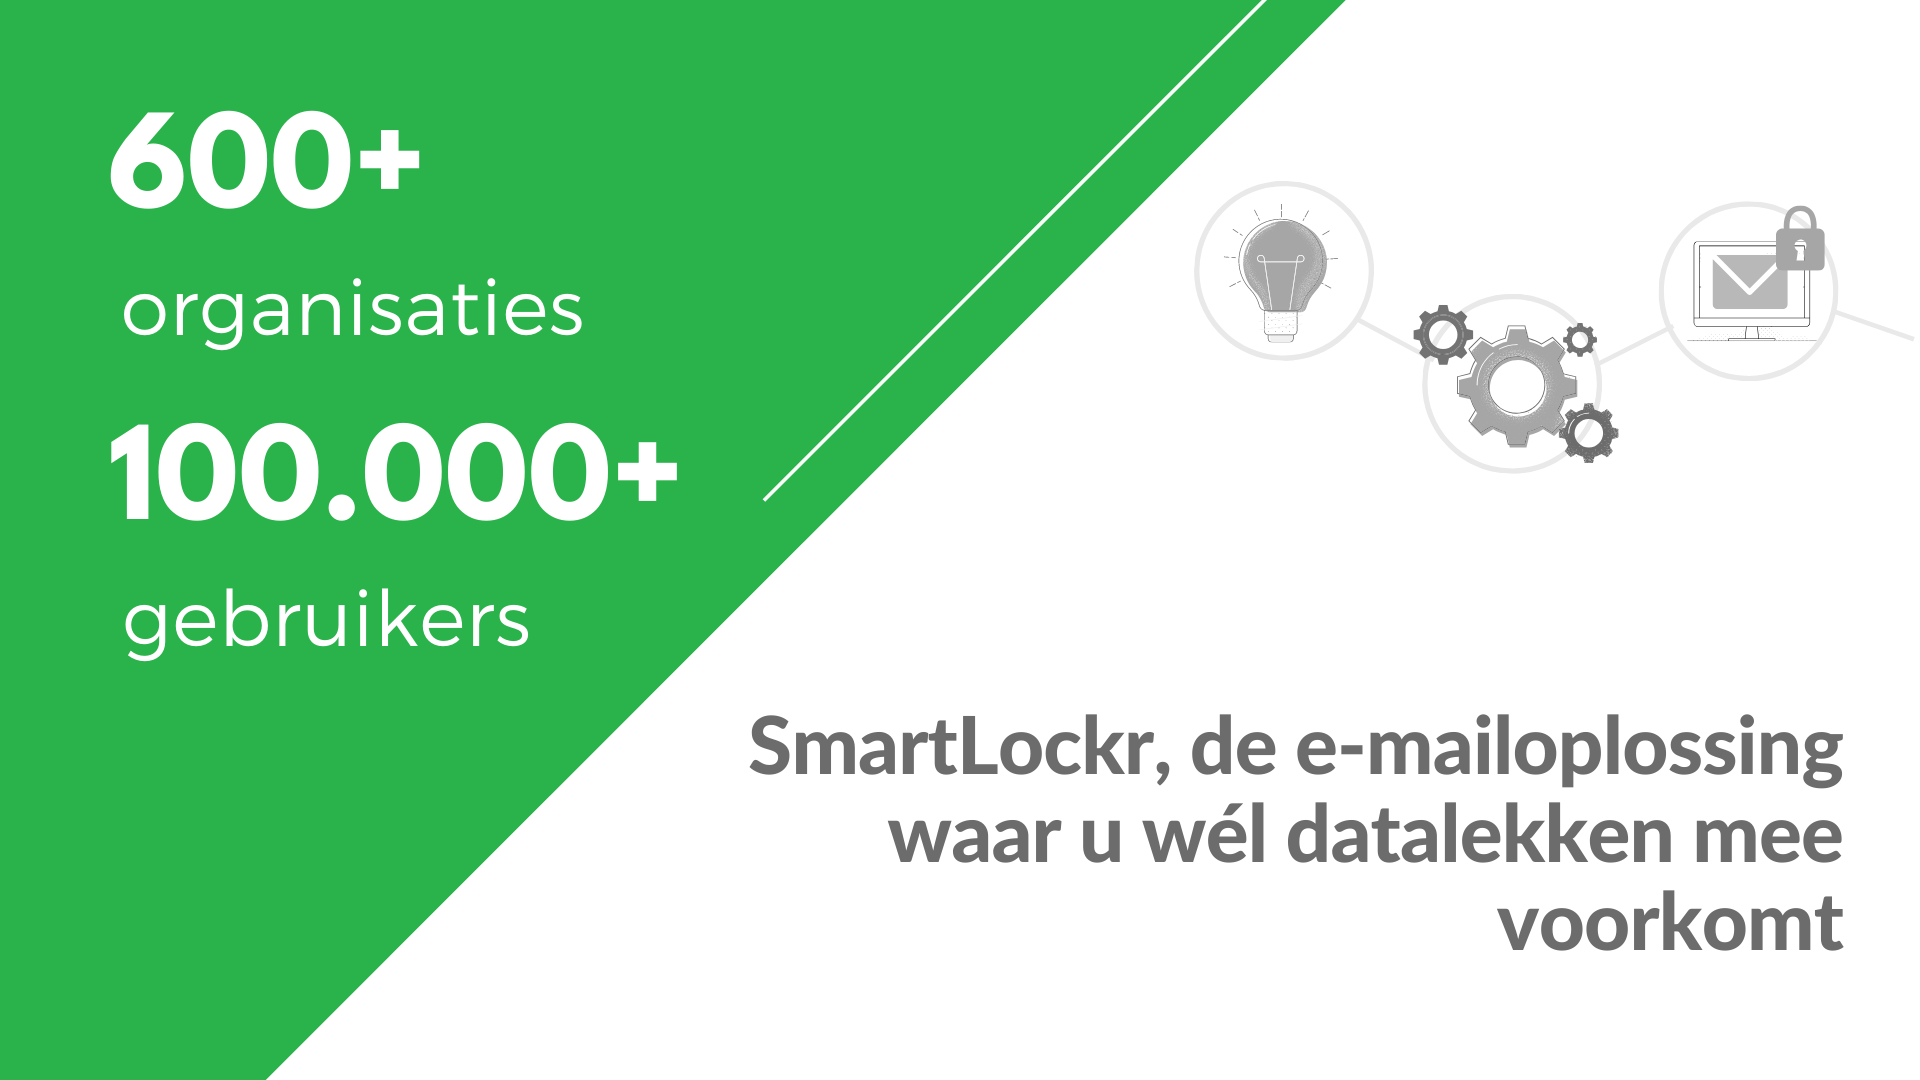 SmartLockr voorkom datalekken